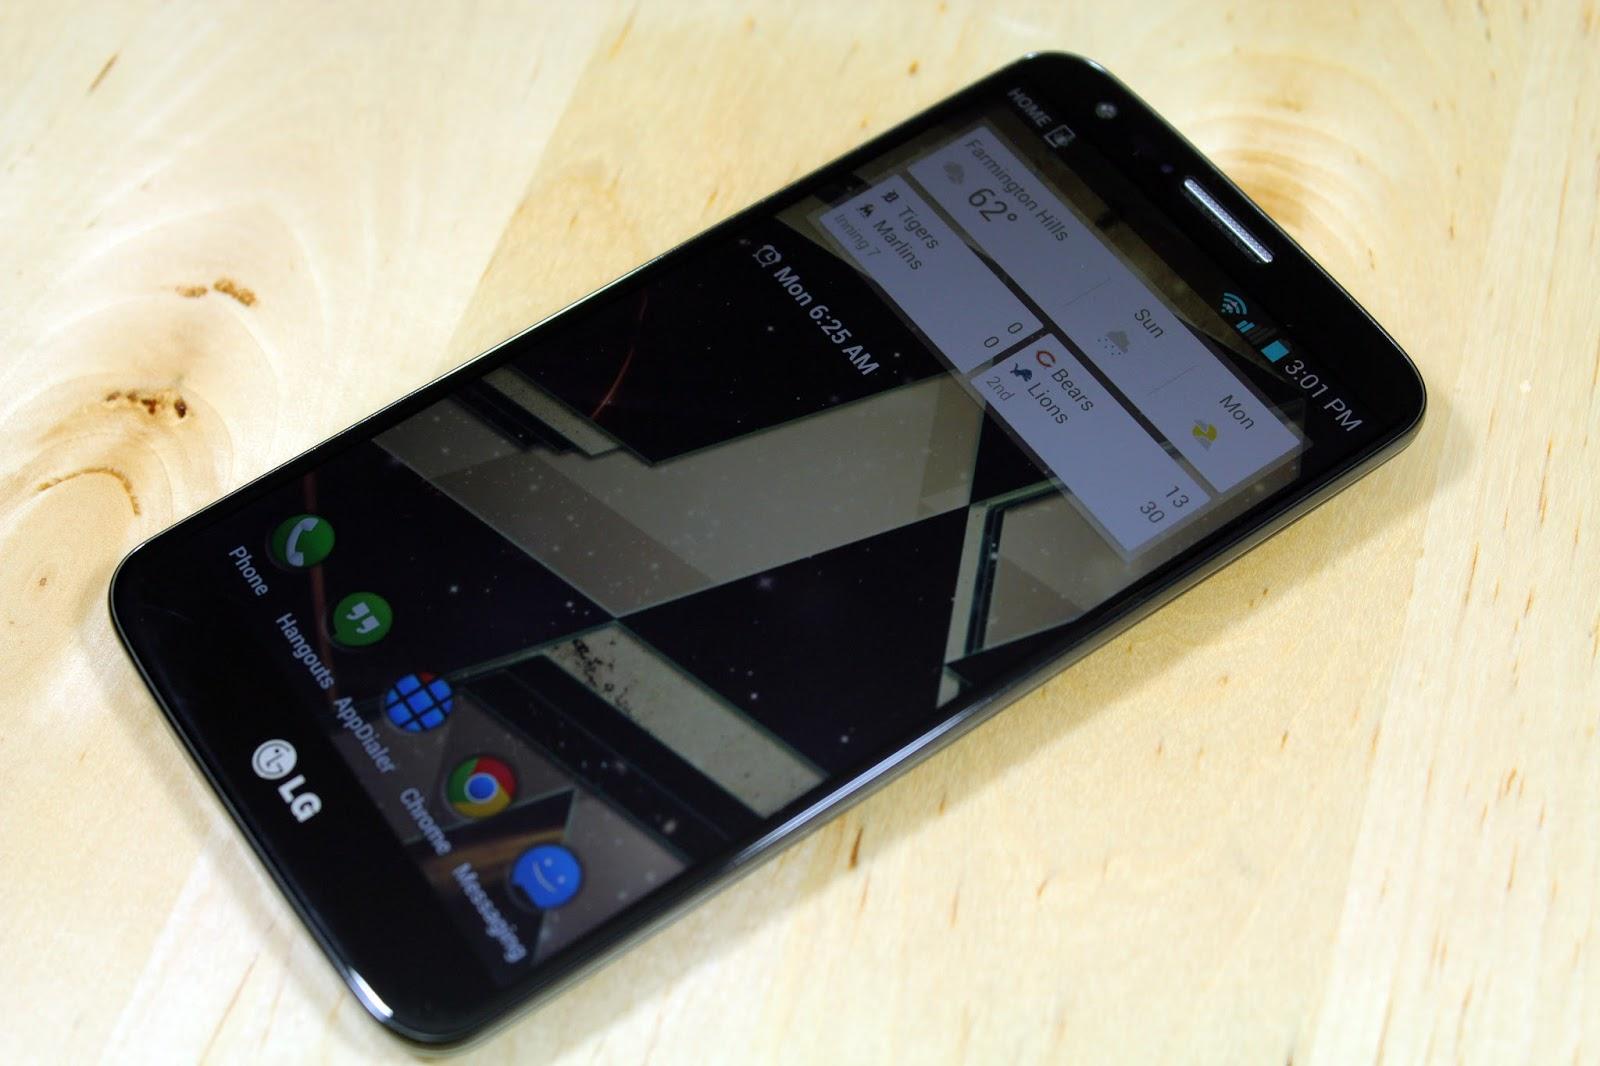 Celular Desbloqueado LG Optimus L7 II P714 Branco com  - imagens do celular lg optimus l7